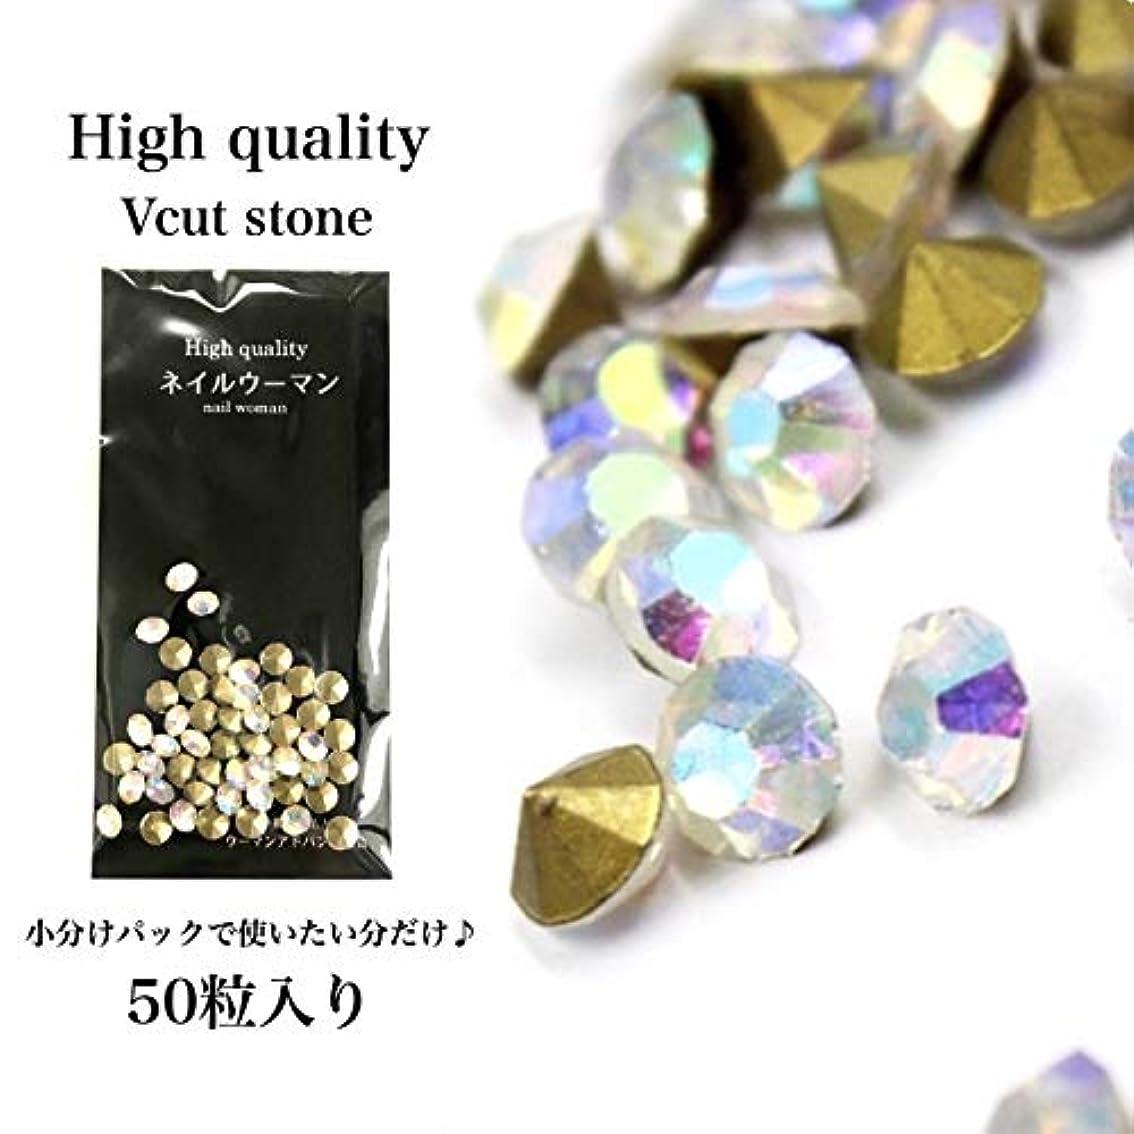 和組立序文【ネイルウーマン】高品質!ガラス製Vカットストーン ダイヤモンドストーン (ABクリスタル) 約50粒入り (SS10, ABクリスタル)